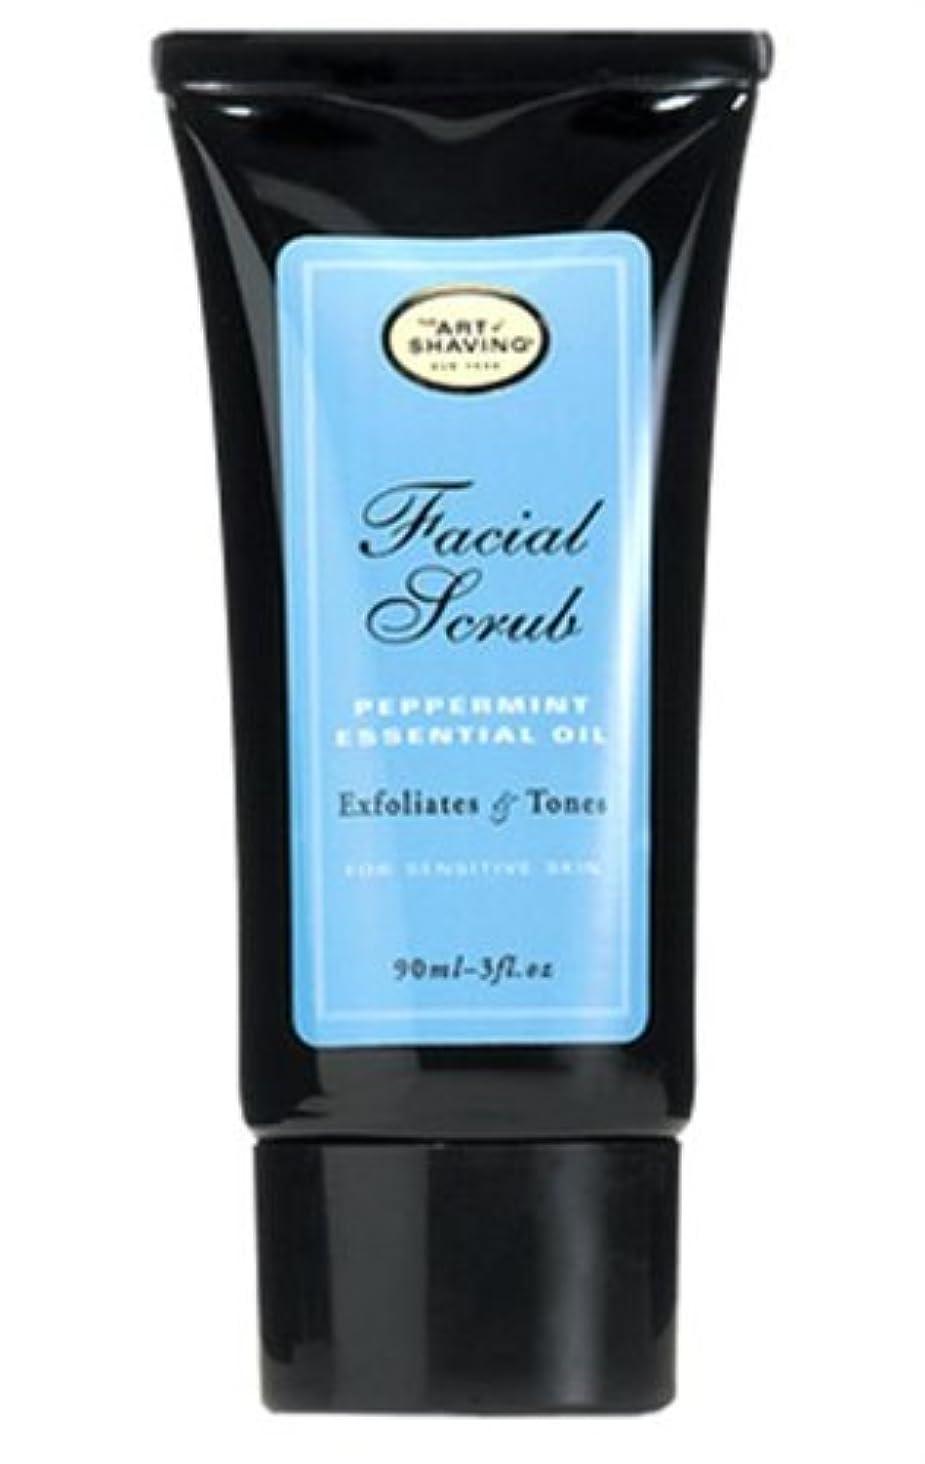 テープカトリック教徒真向こうThe Art Of Shaving Facial Scrub With Peppermint Essential Oil (並行輸入品) [並行輸入品]